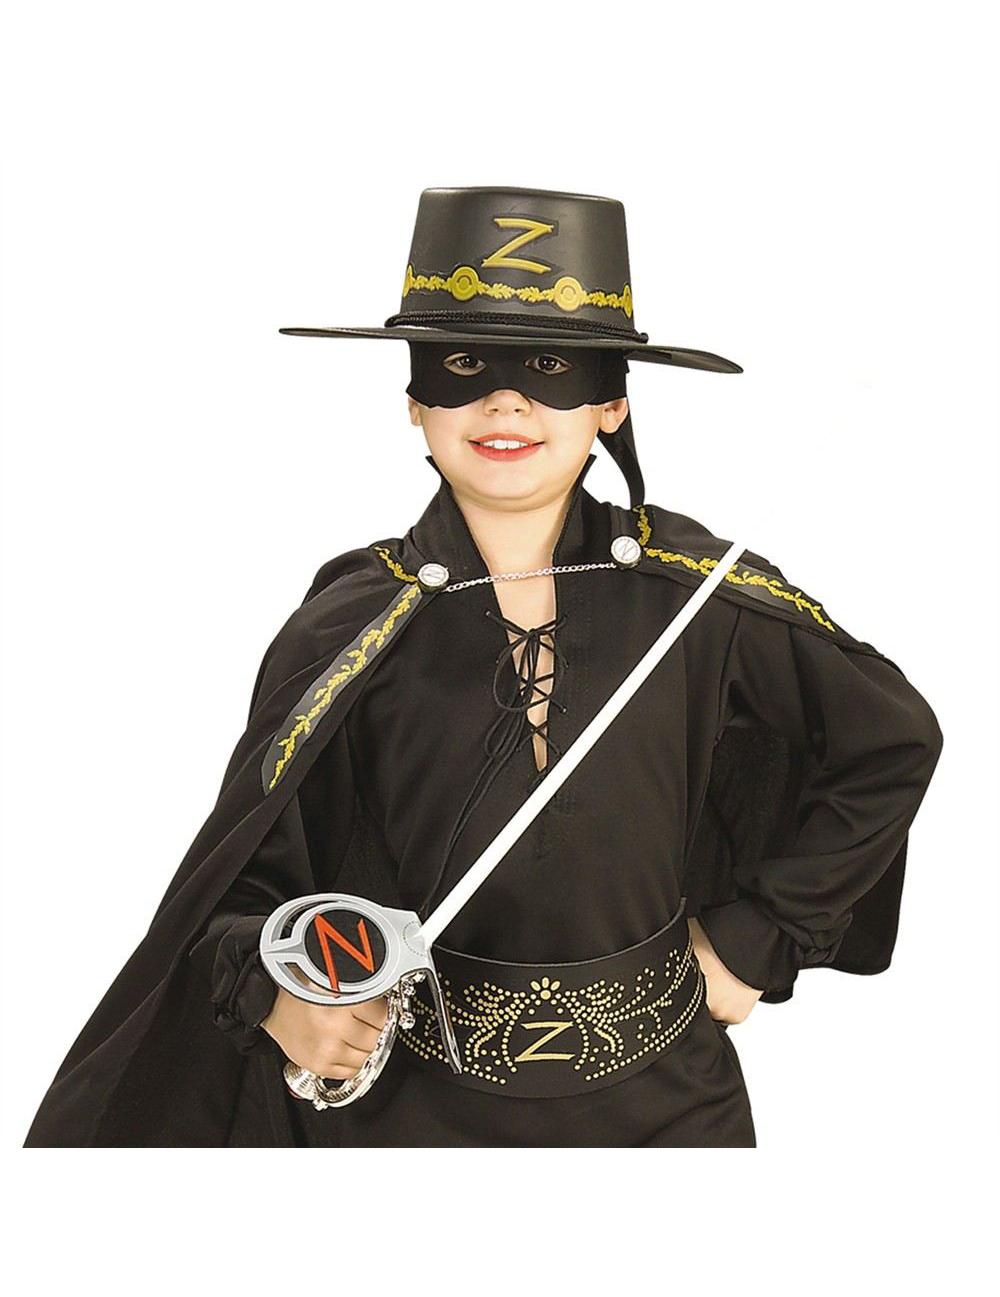 Kit Zorro™ Espada máscara e chapéu criança  Acessórios 8ec9cfe34fb